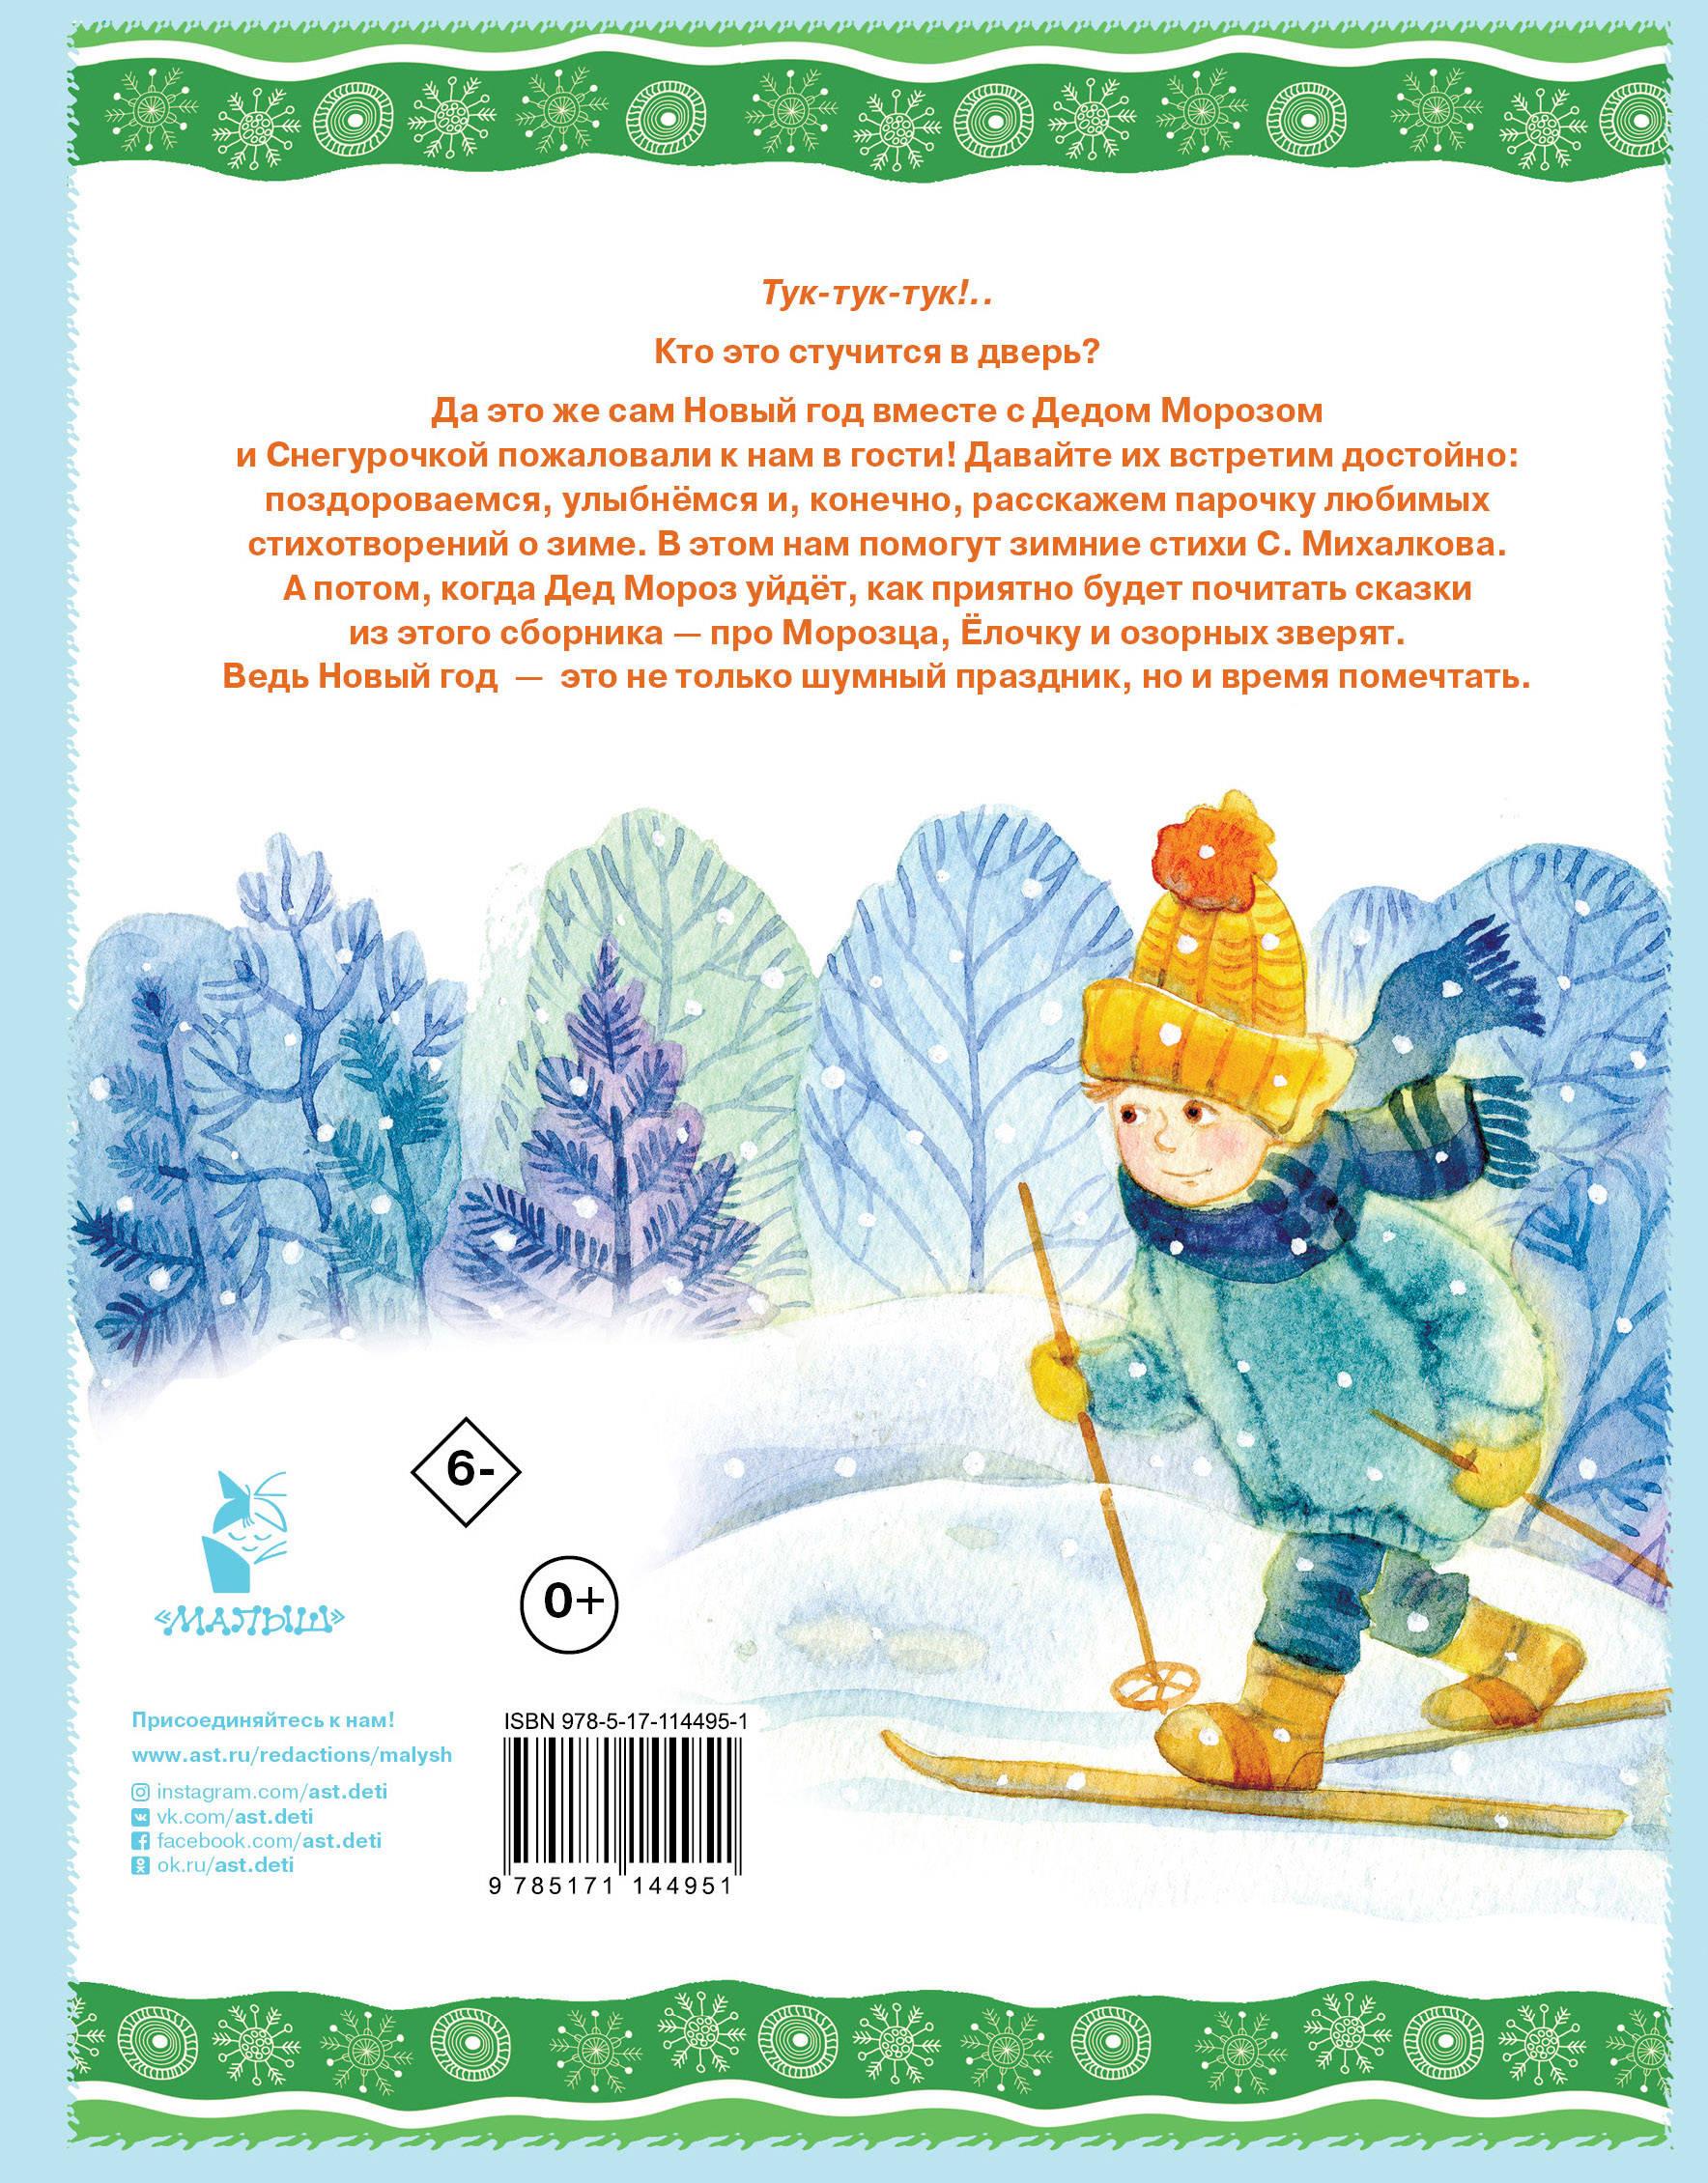 Михалков Сергей Владимирович. Говорят под Новый год...